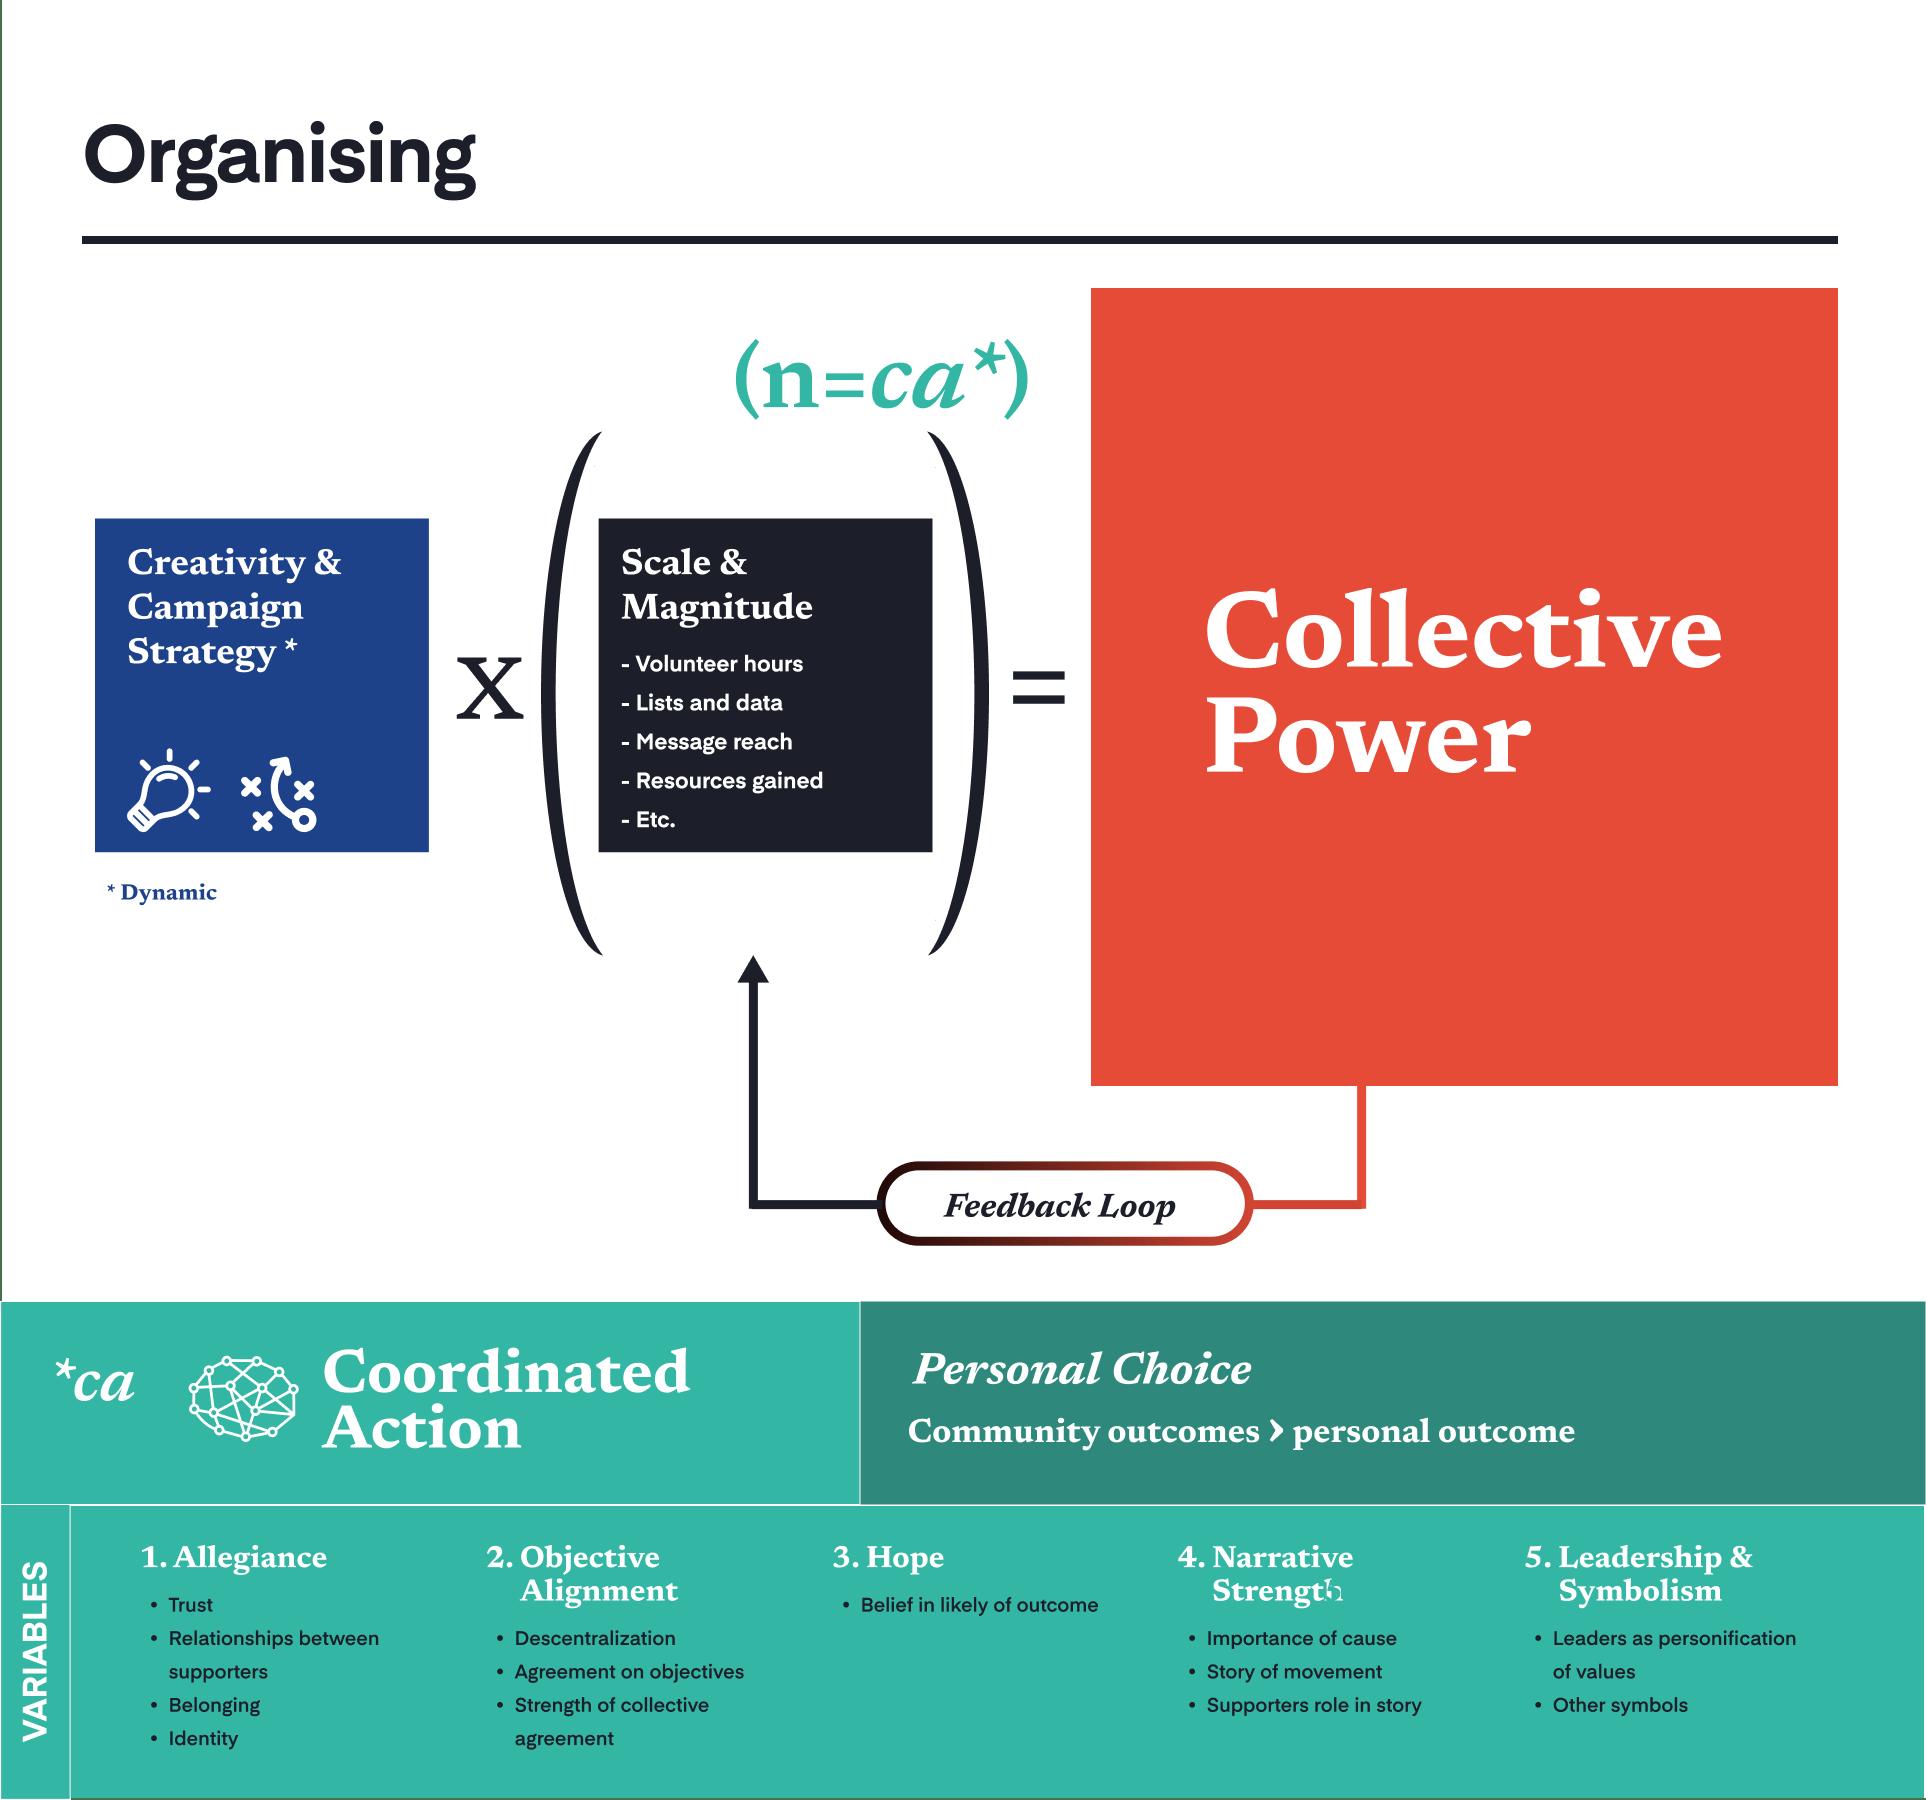 Tectonica - Digital Organising